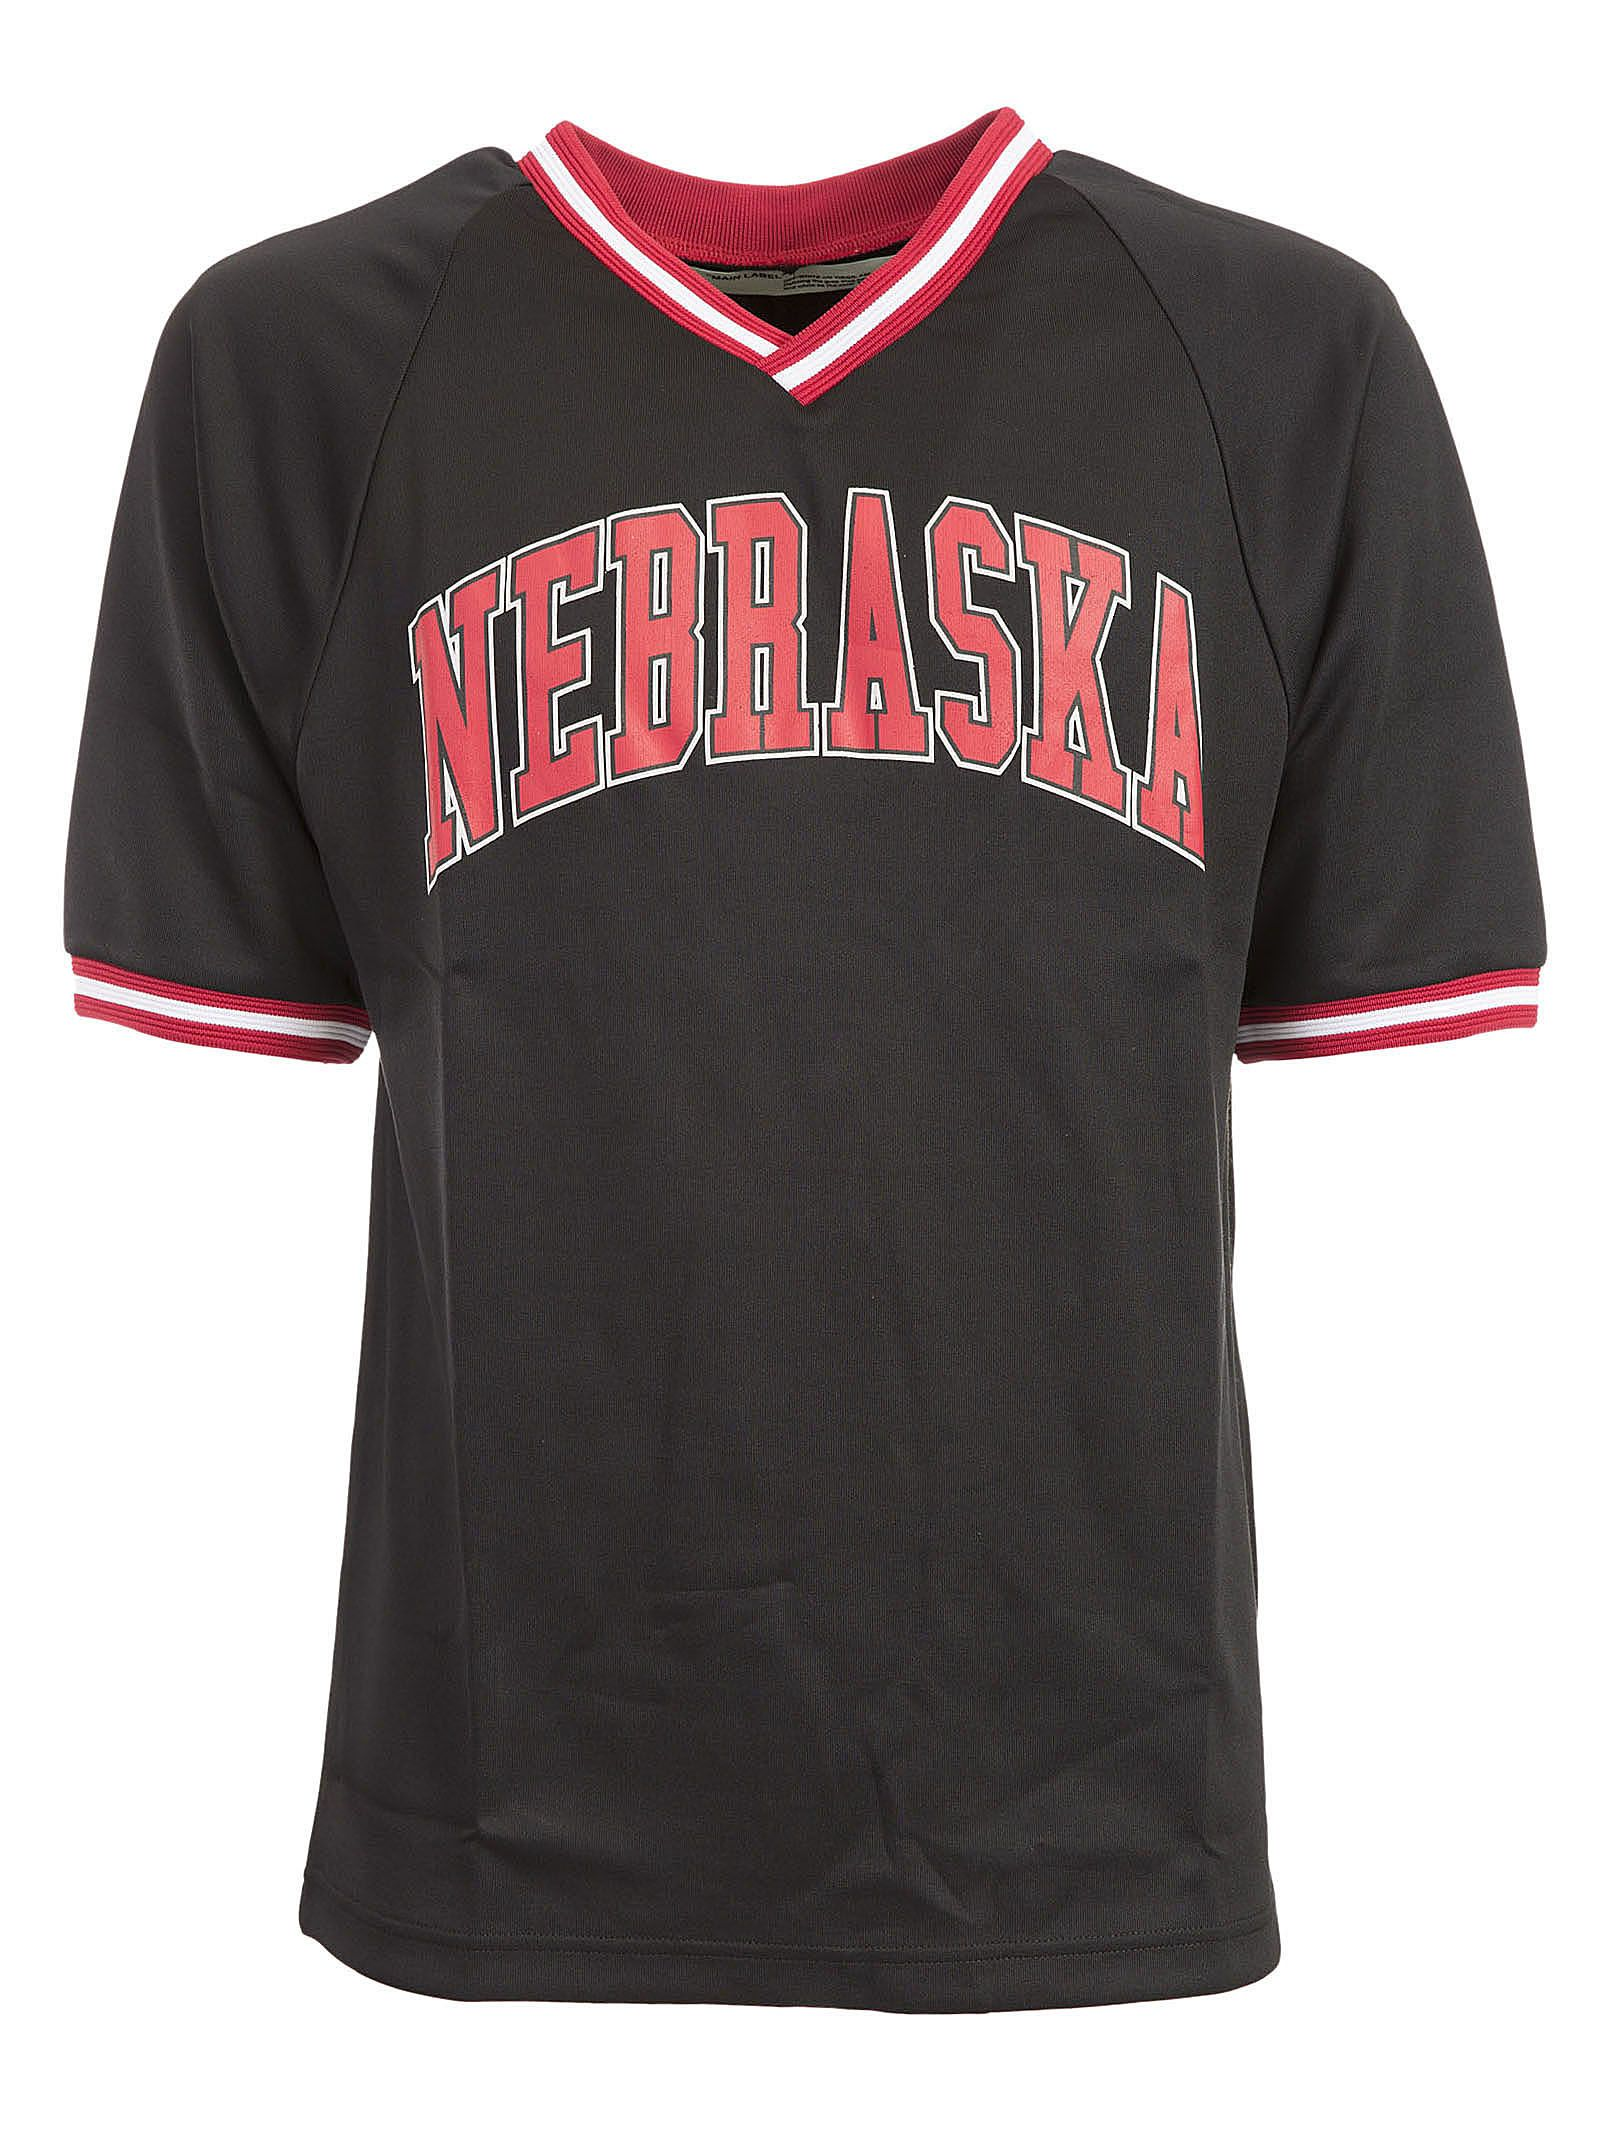 Off-white Nebraska T-shirt